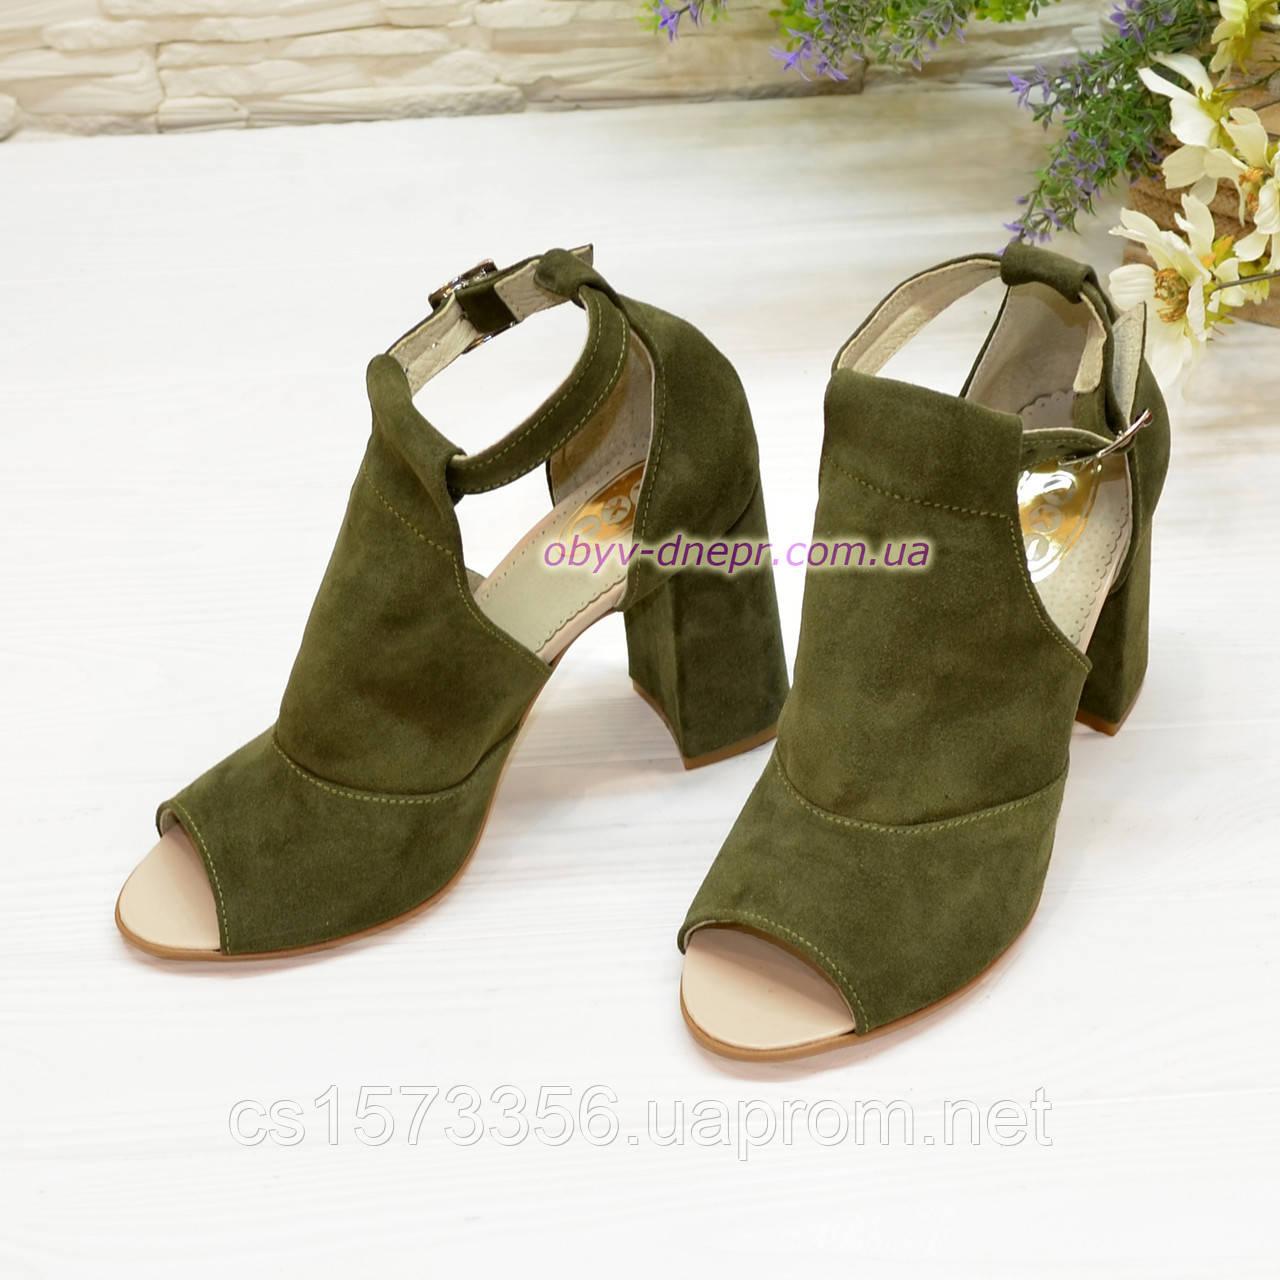 Женские замшевые босоножки на устойчивом каблуке, цвет оливковый